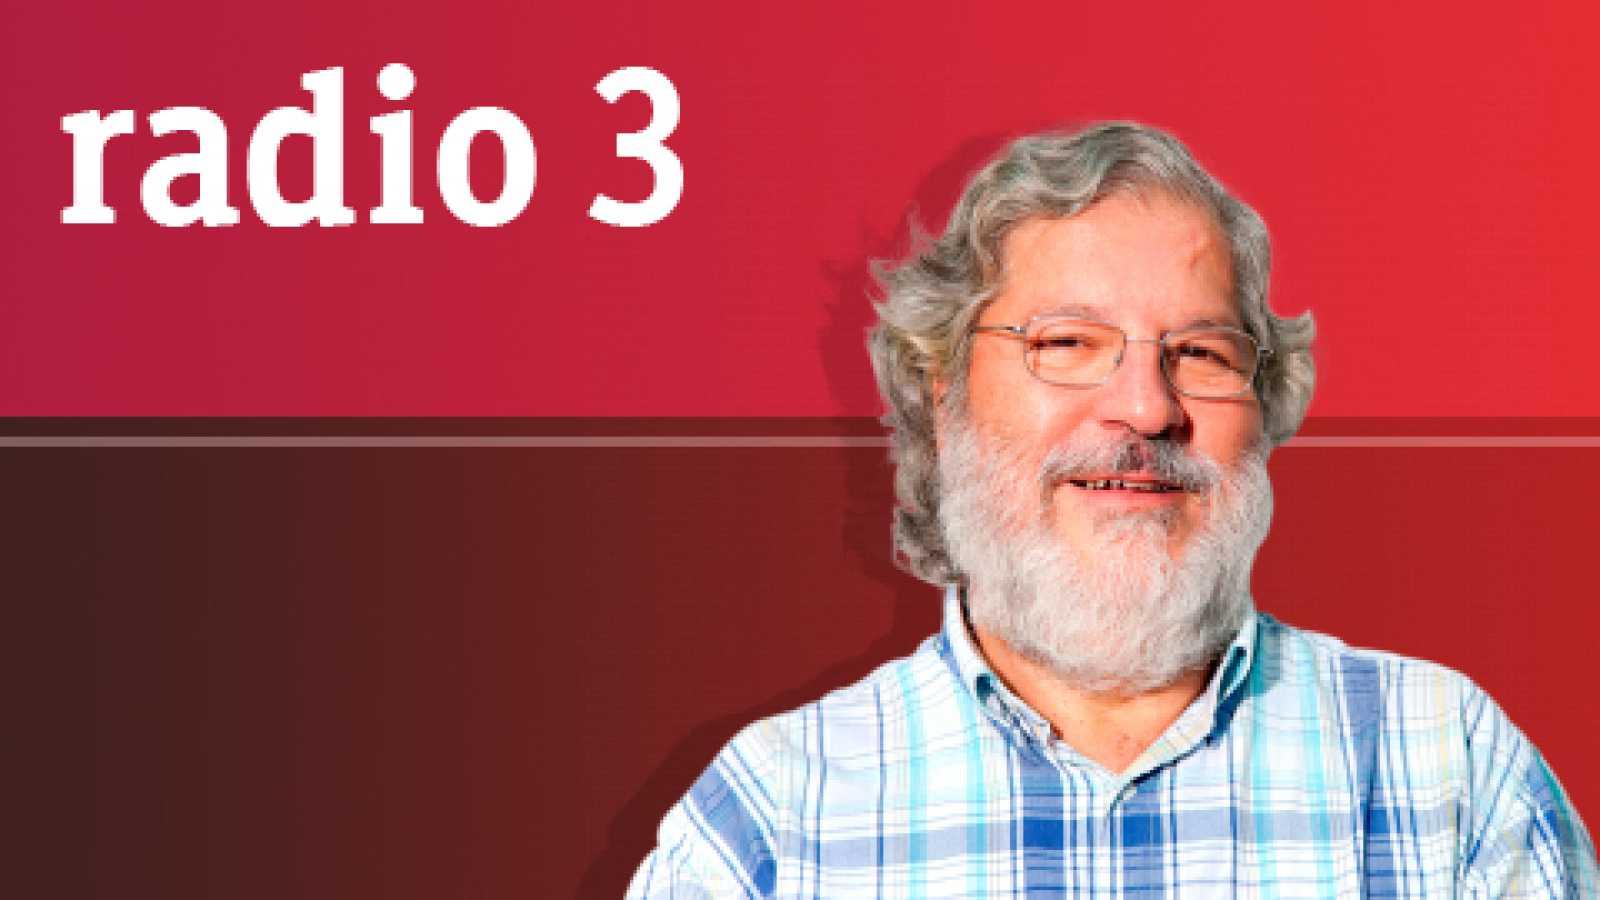 Discópolis 10.849 - Sesiones Tesoro 34 CRAG - Karina - 03/02/20 - escuchar ahora